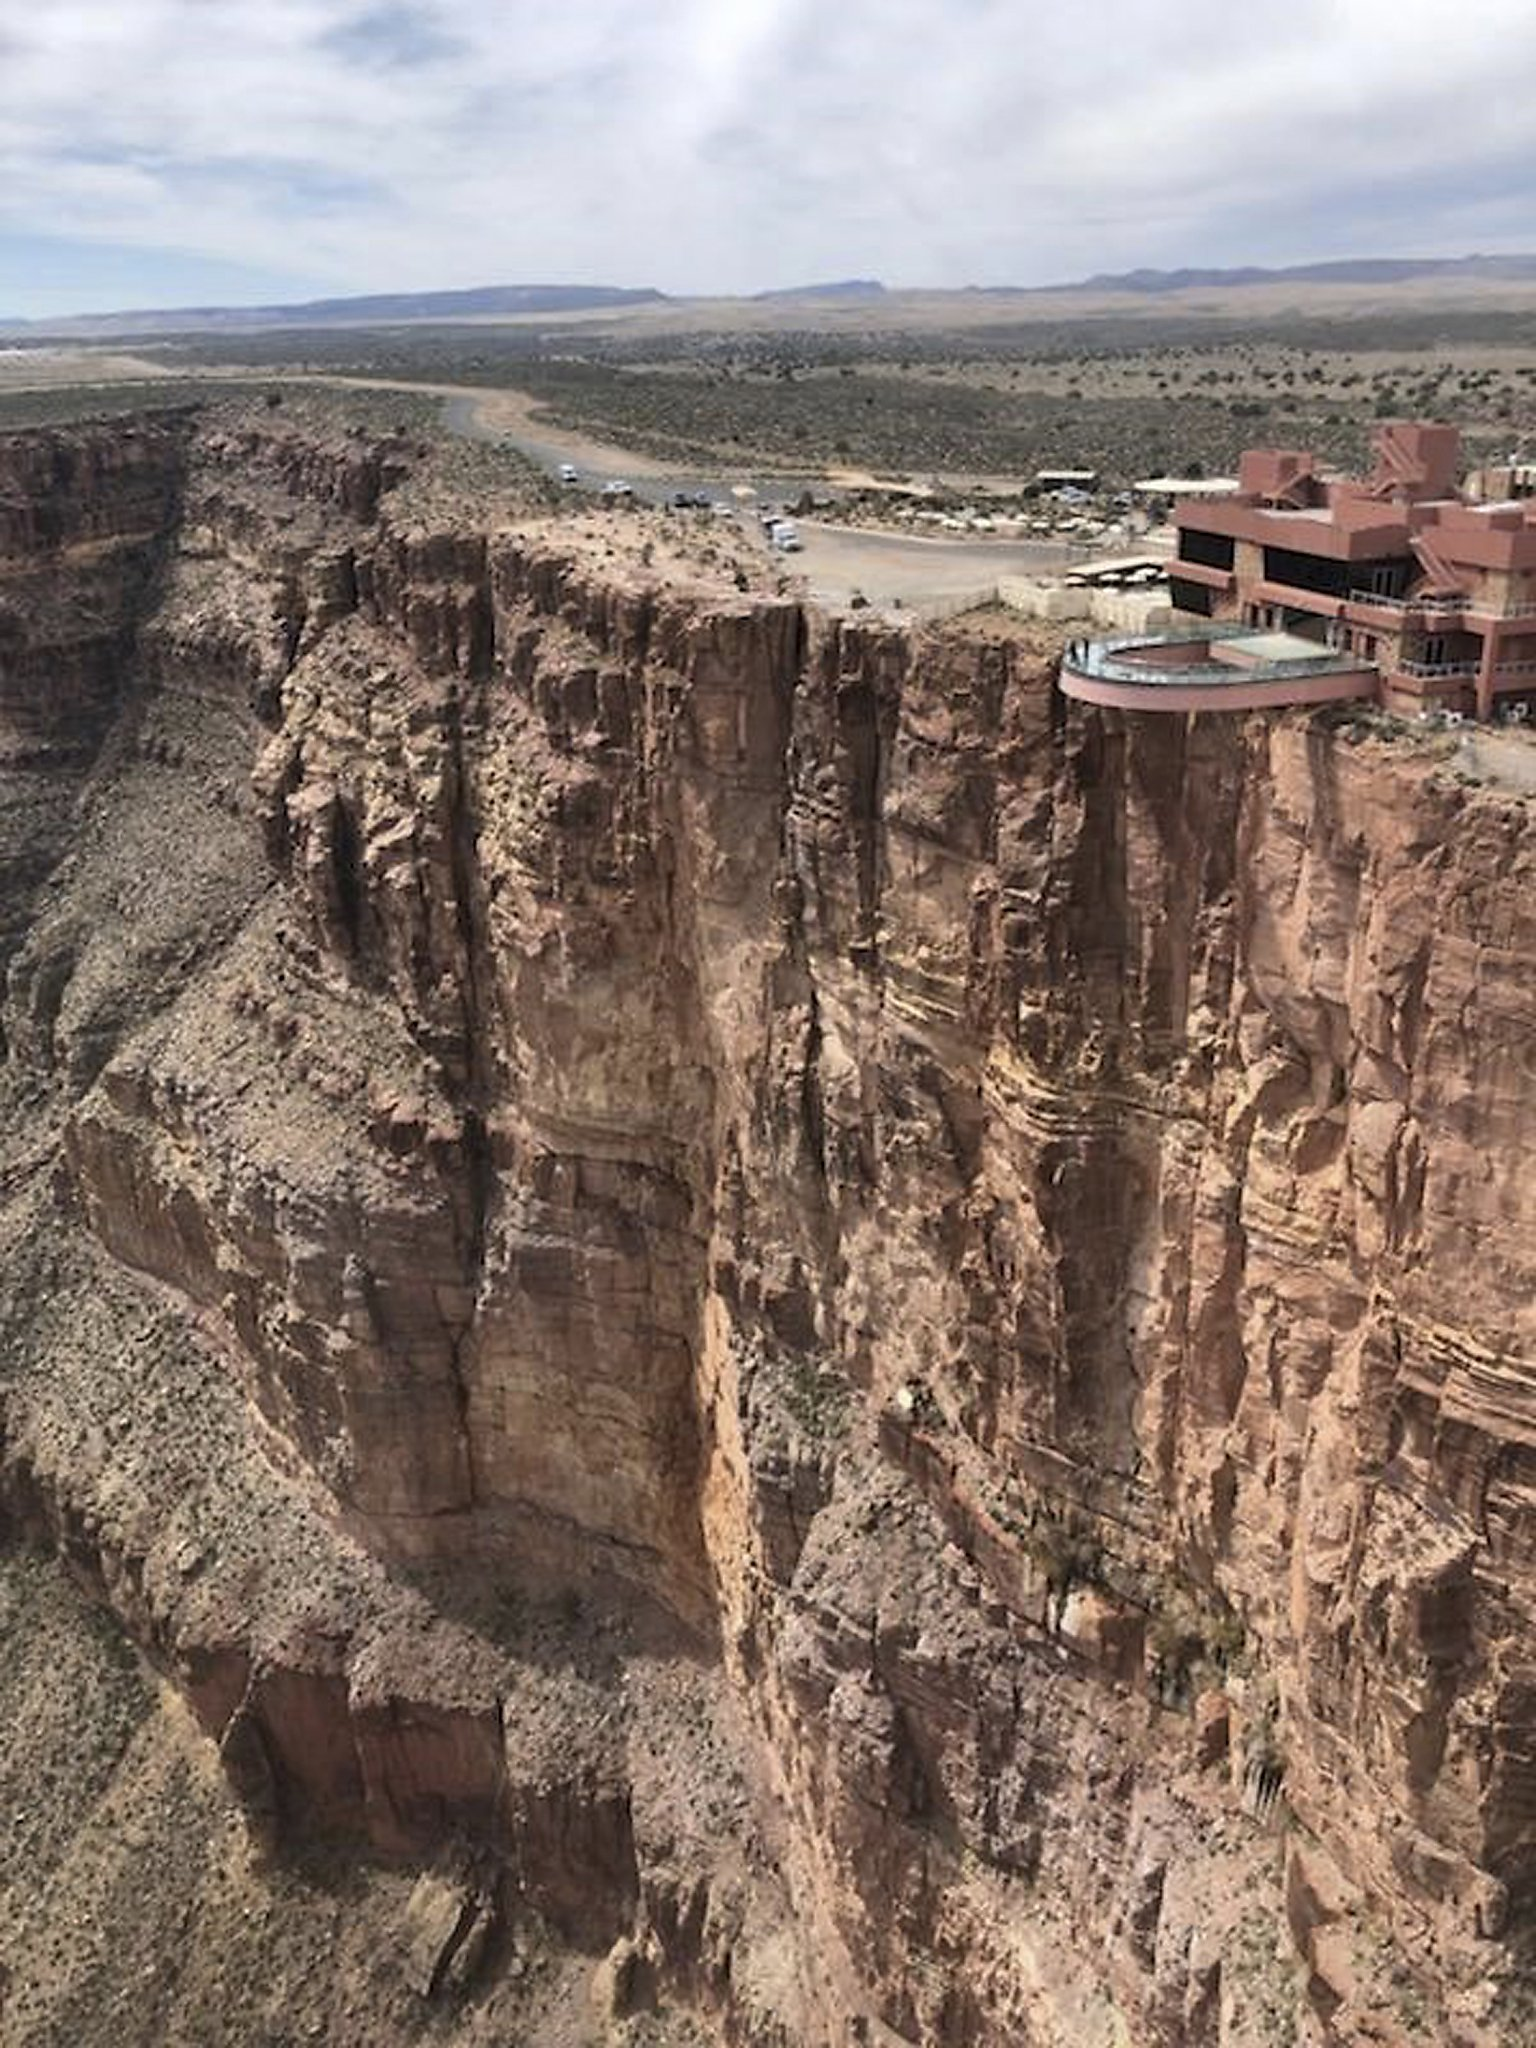 Man who fell 400 feet at Grand Canyon identified as Santa